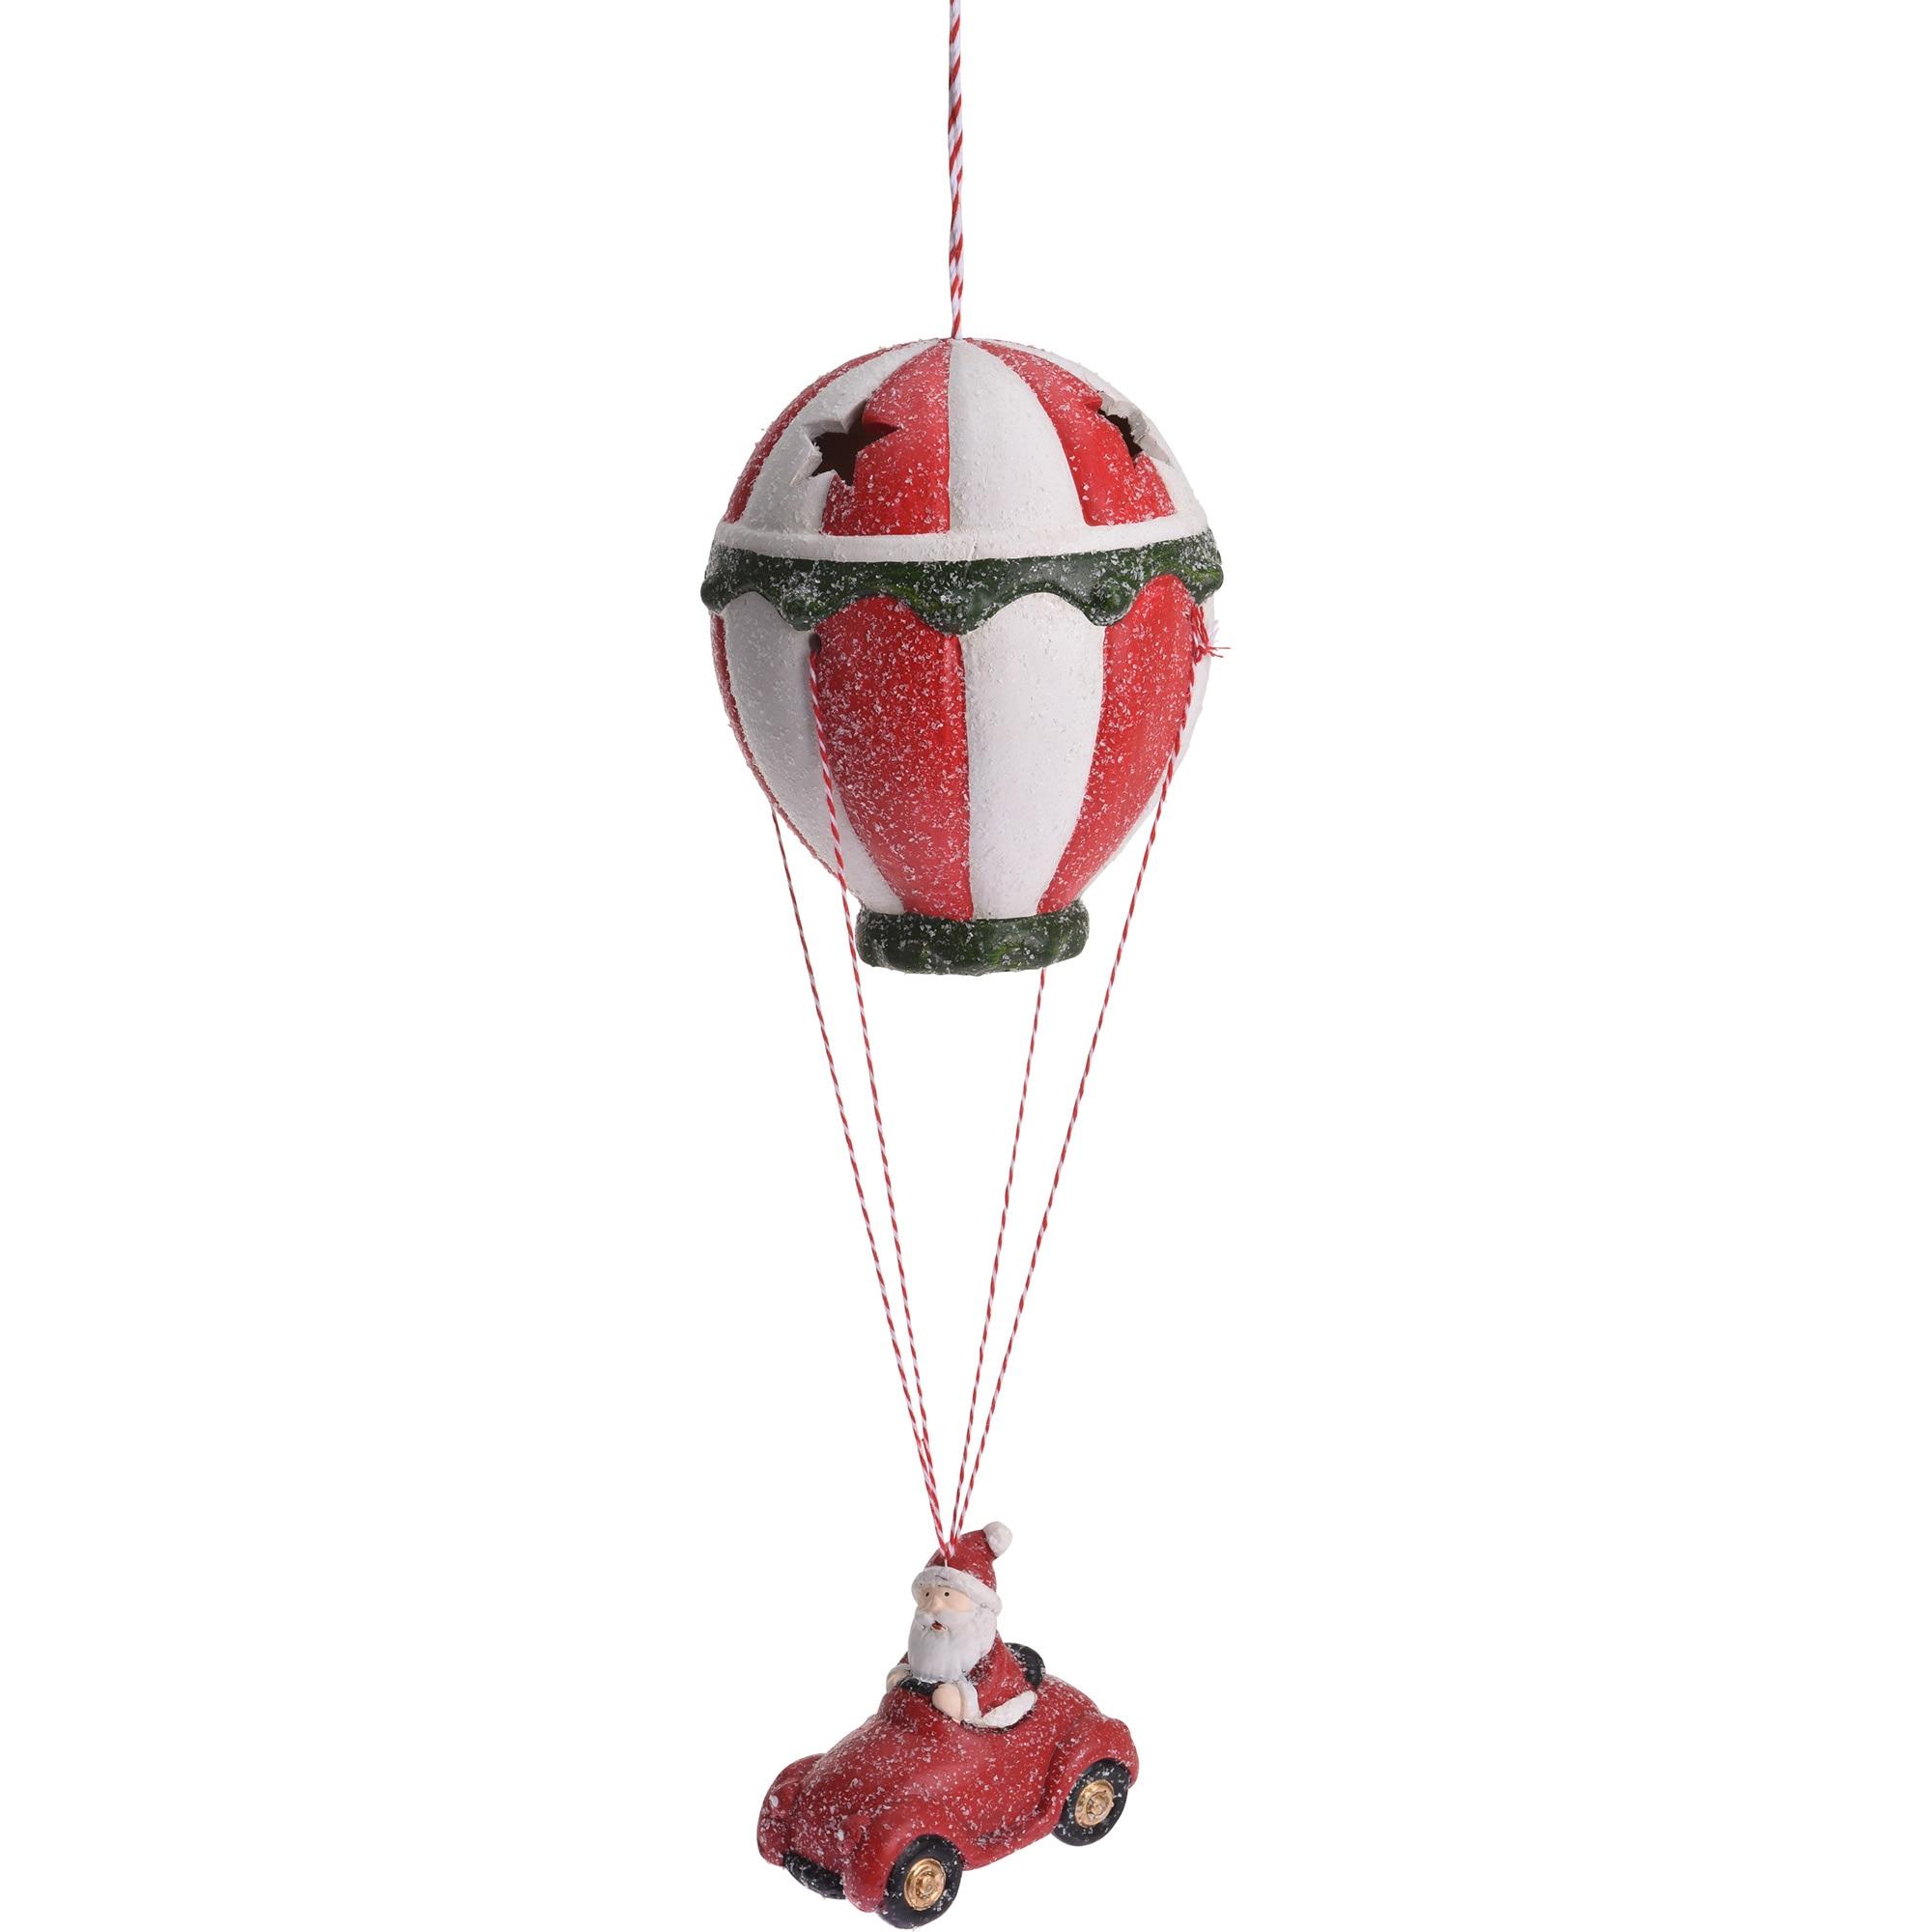 Fotografie Decoratiune balon LED cu Mos Craciun eNoelle, 13.5x13.5x39.5 cm, ceramica, rosu/alb